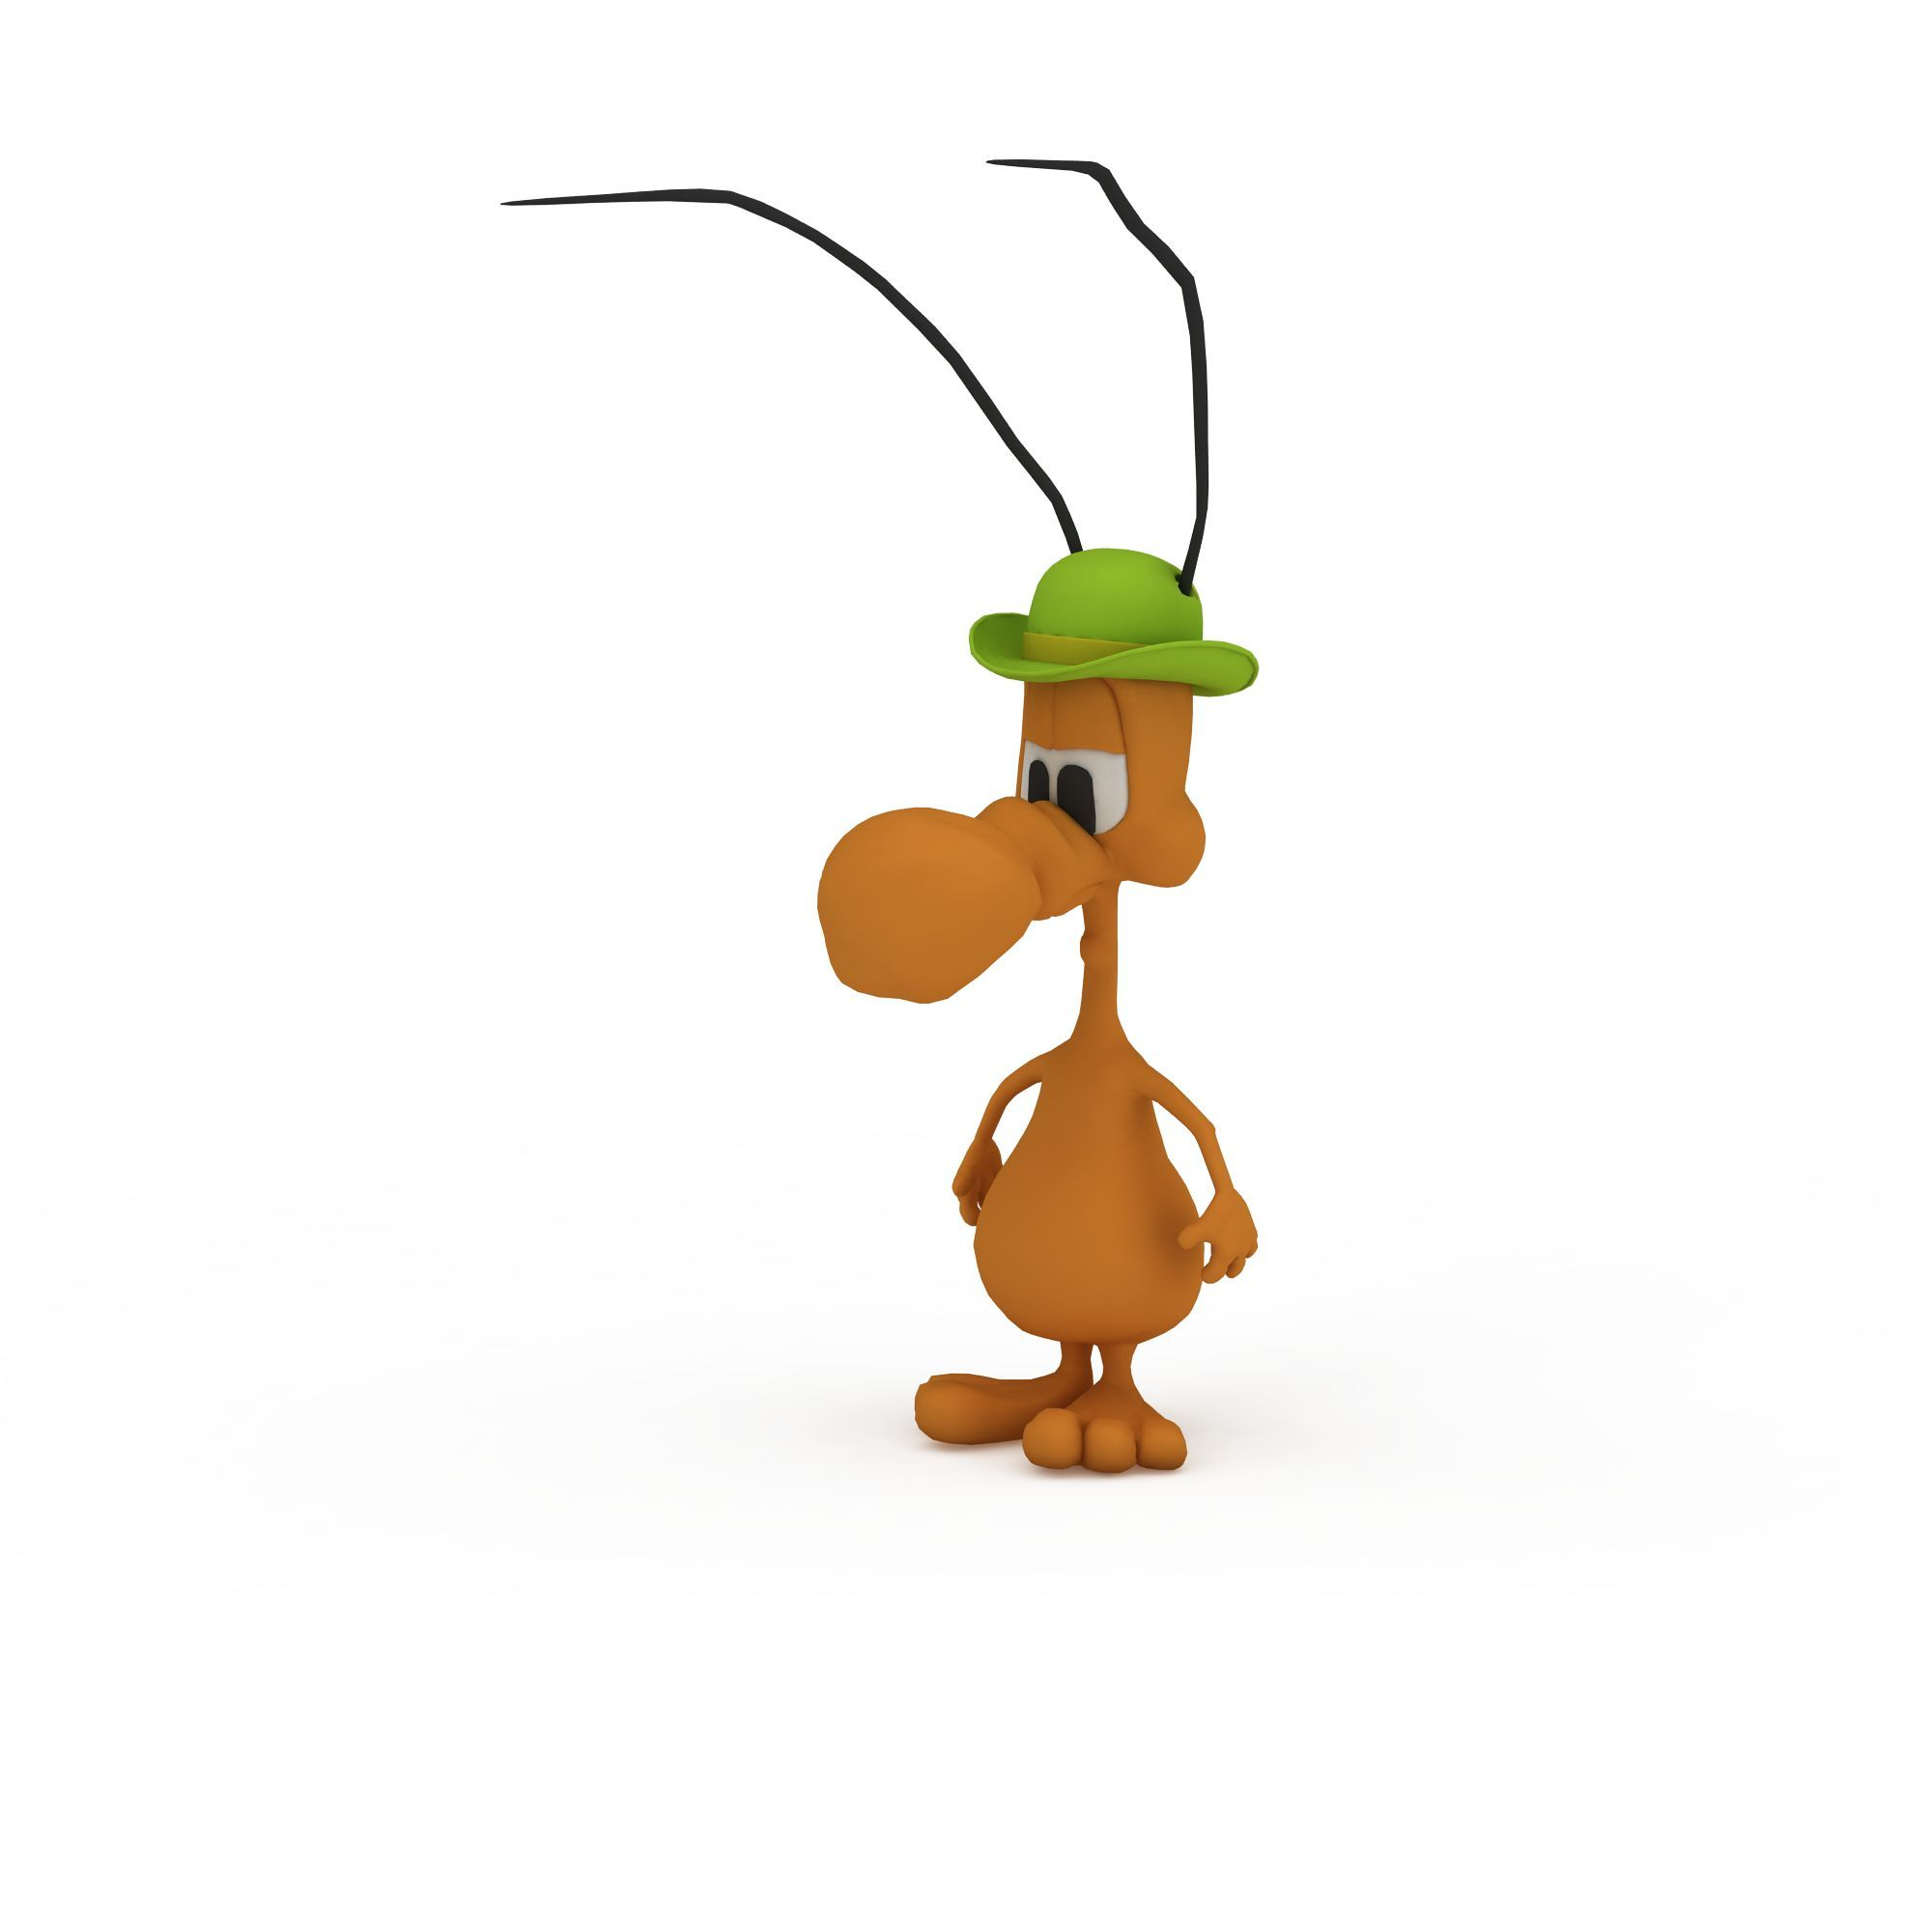 常见爬行类动物蚂蚁